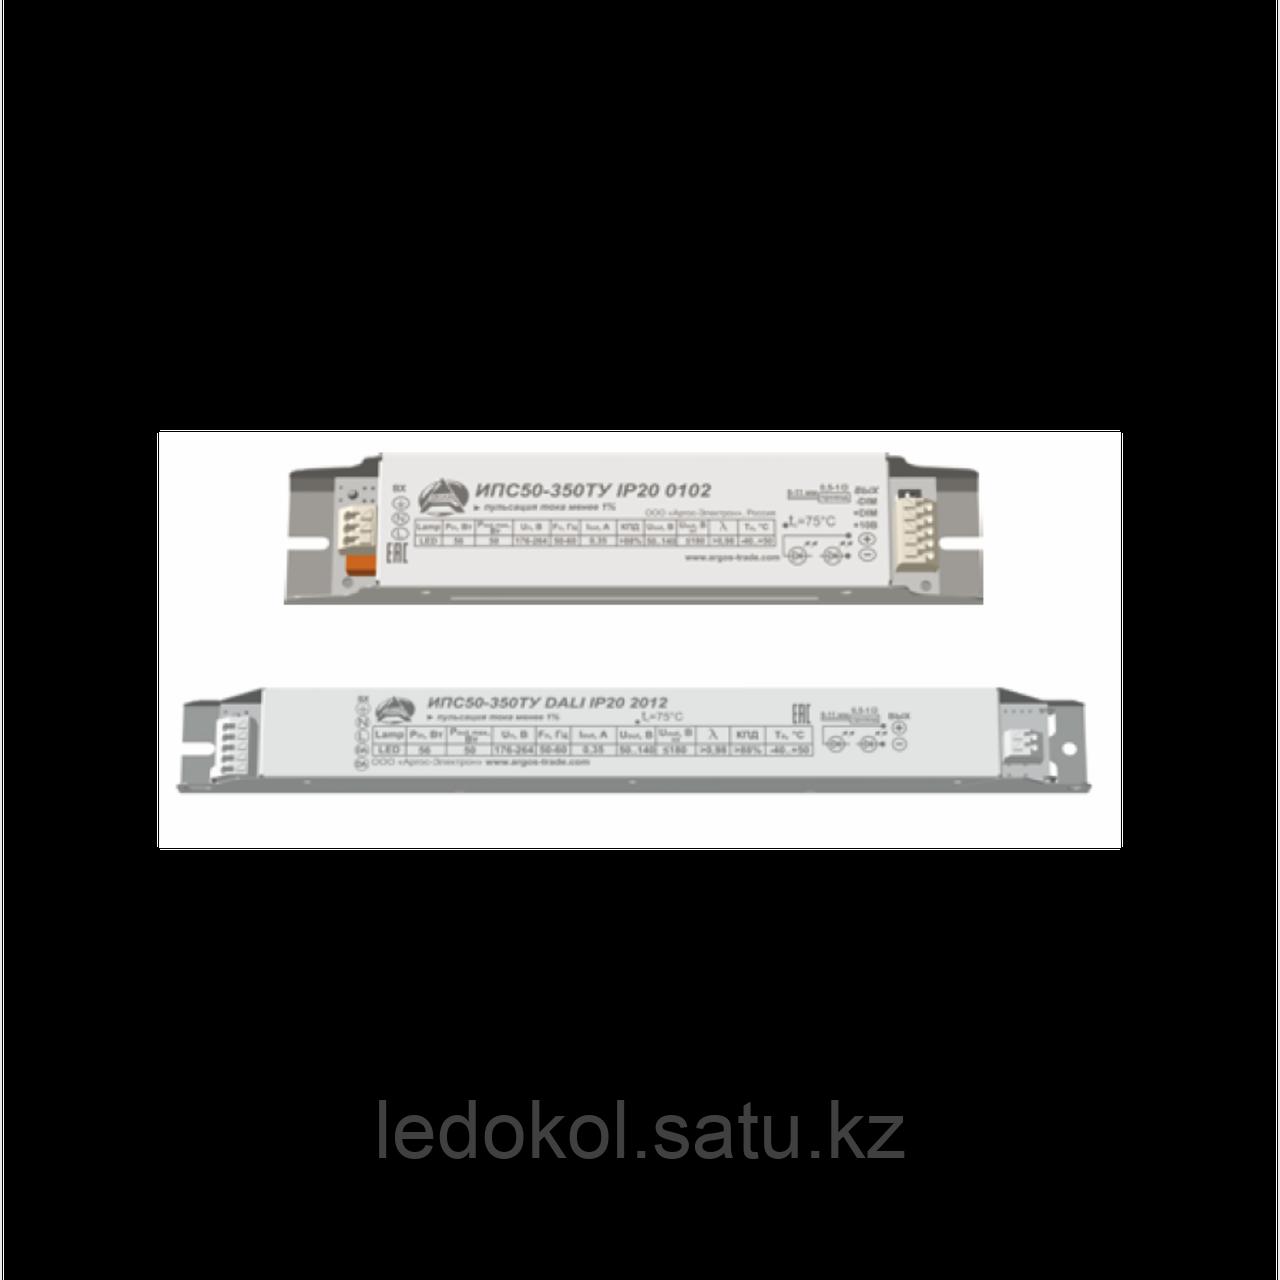 Источник питания Аргос ИПС50-350ТУ IP20 0102